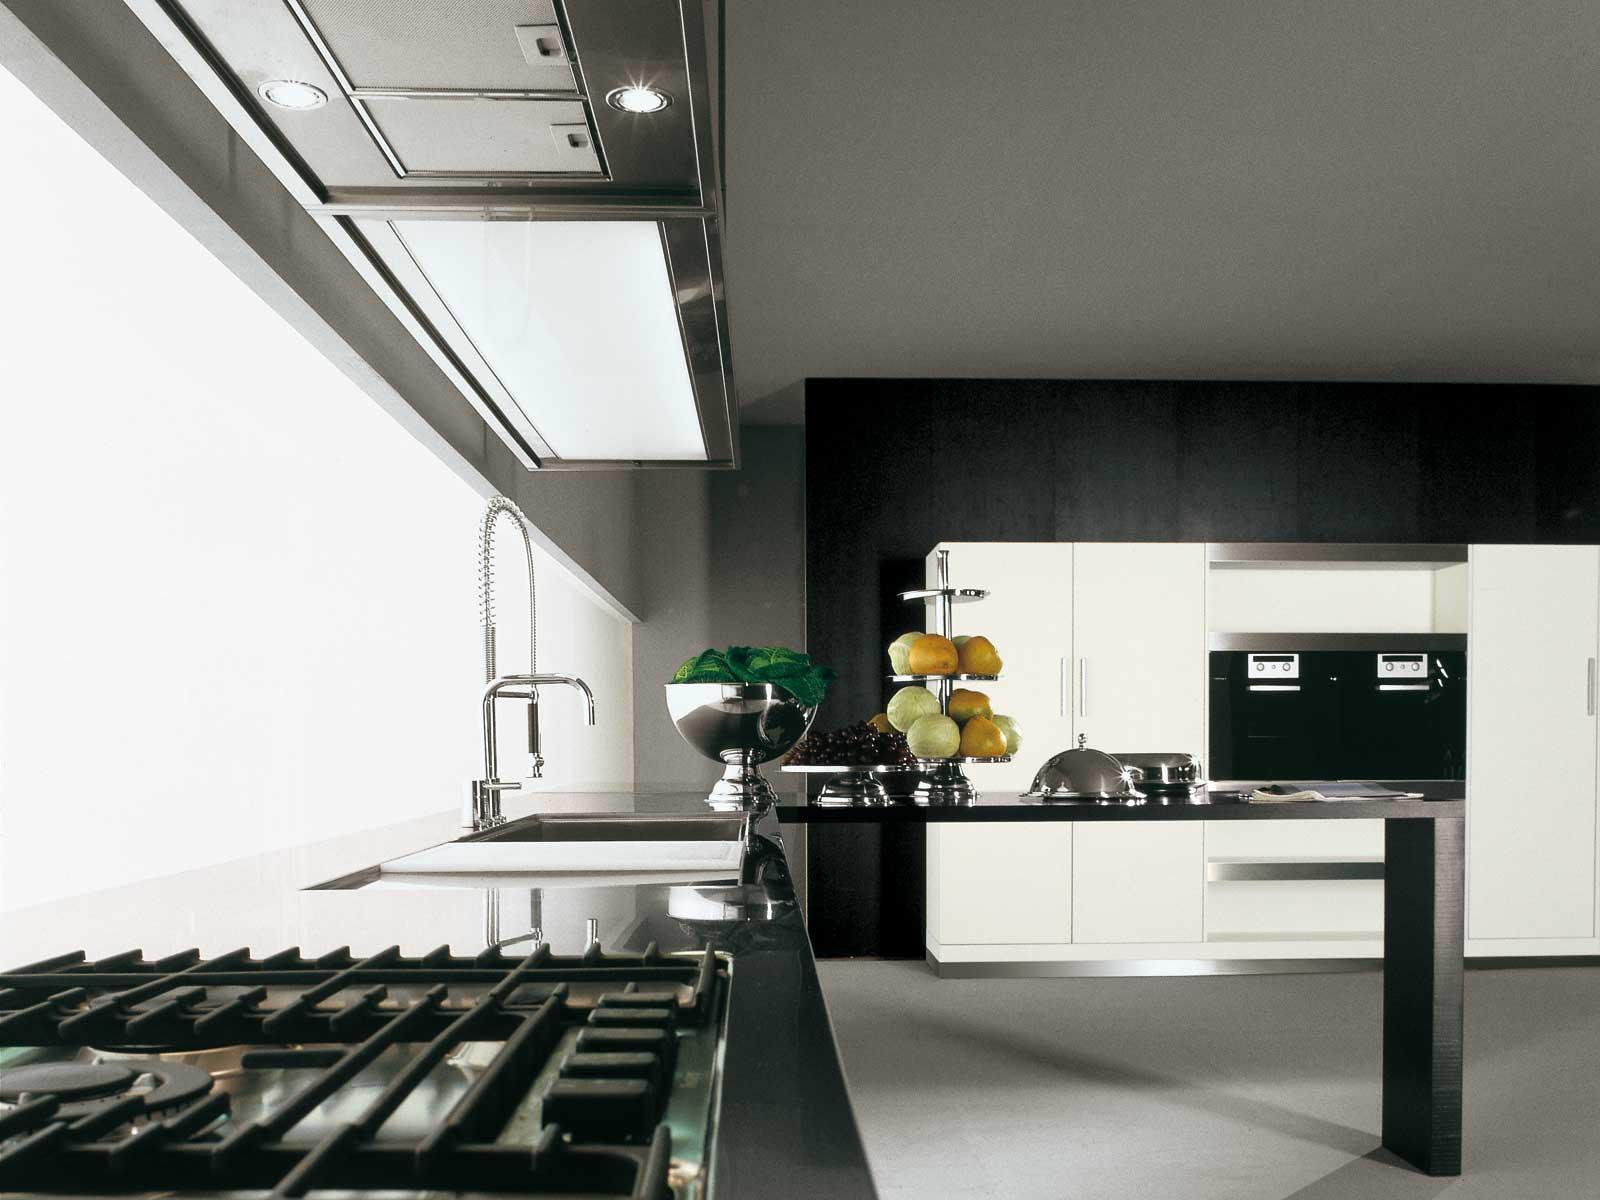 Full Size of Küchenmöbel Kchenmbel Im Modernen Stil Oslo Wohnzimmer Küchenmöbel